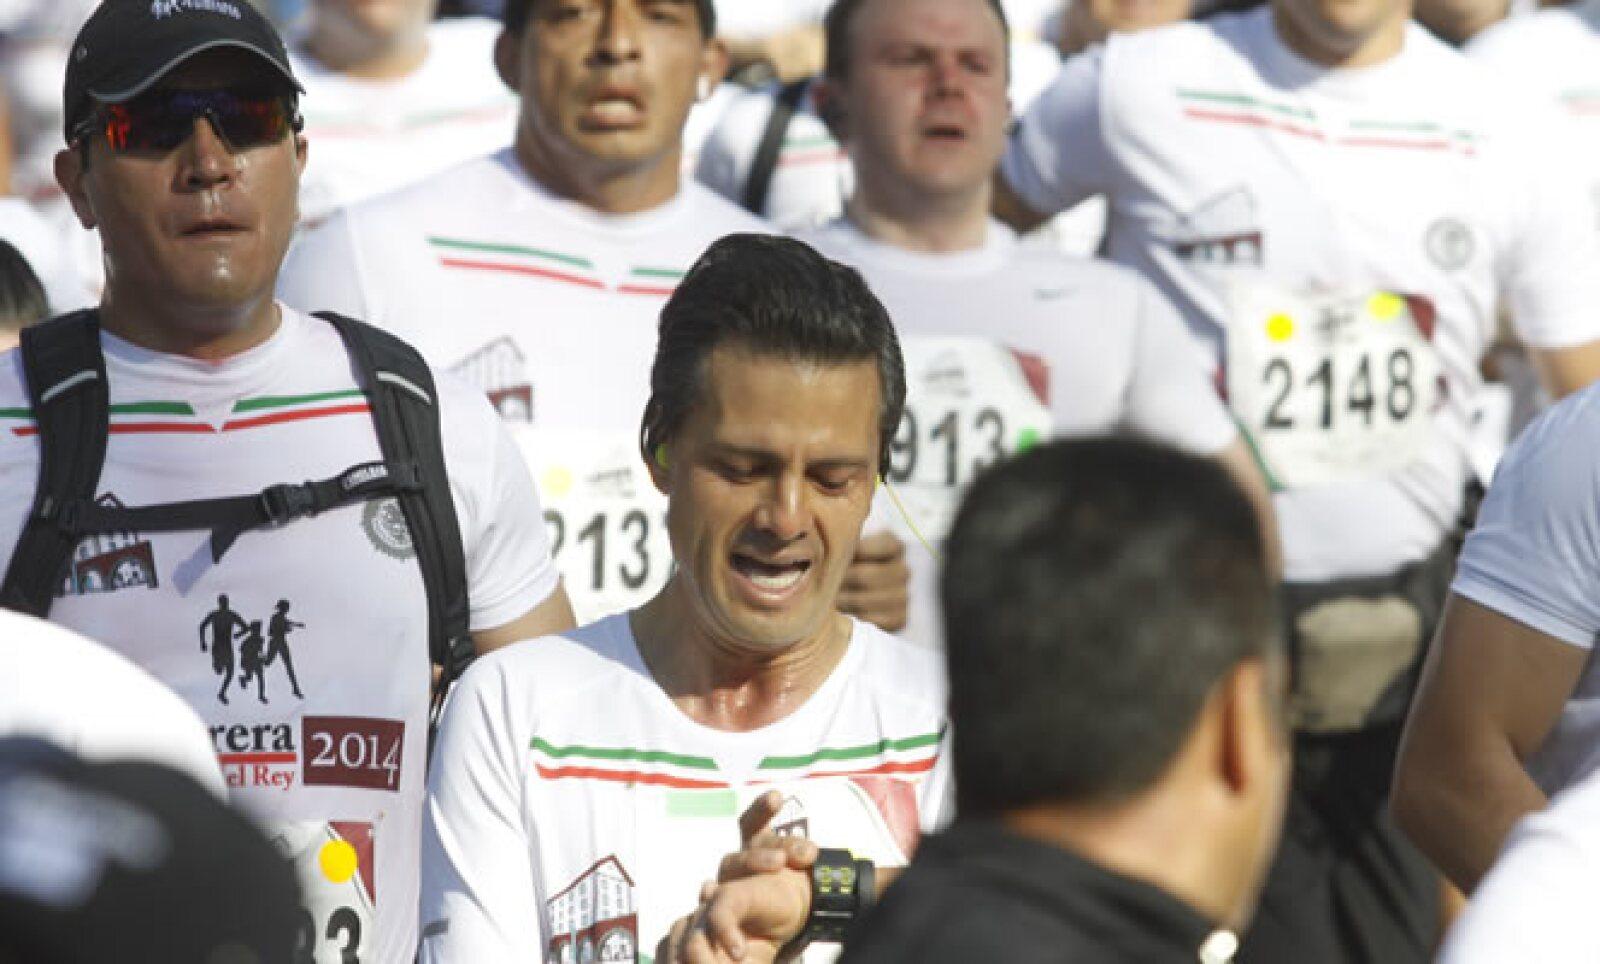 La carrera inició en punto de las 8:00 horas, tras la entonación del Himno Nacional.